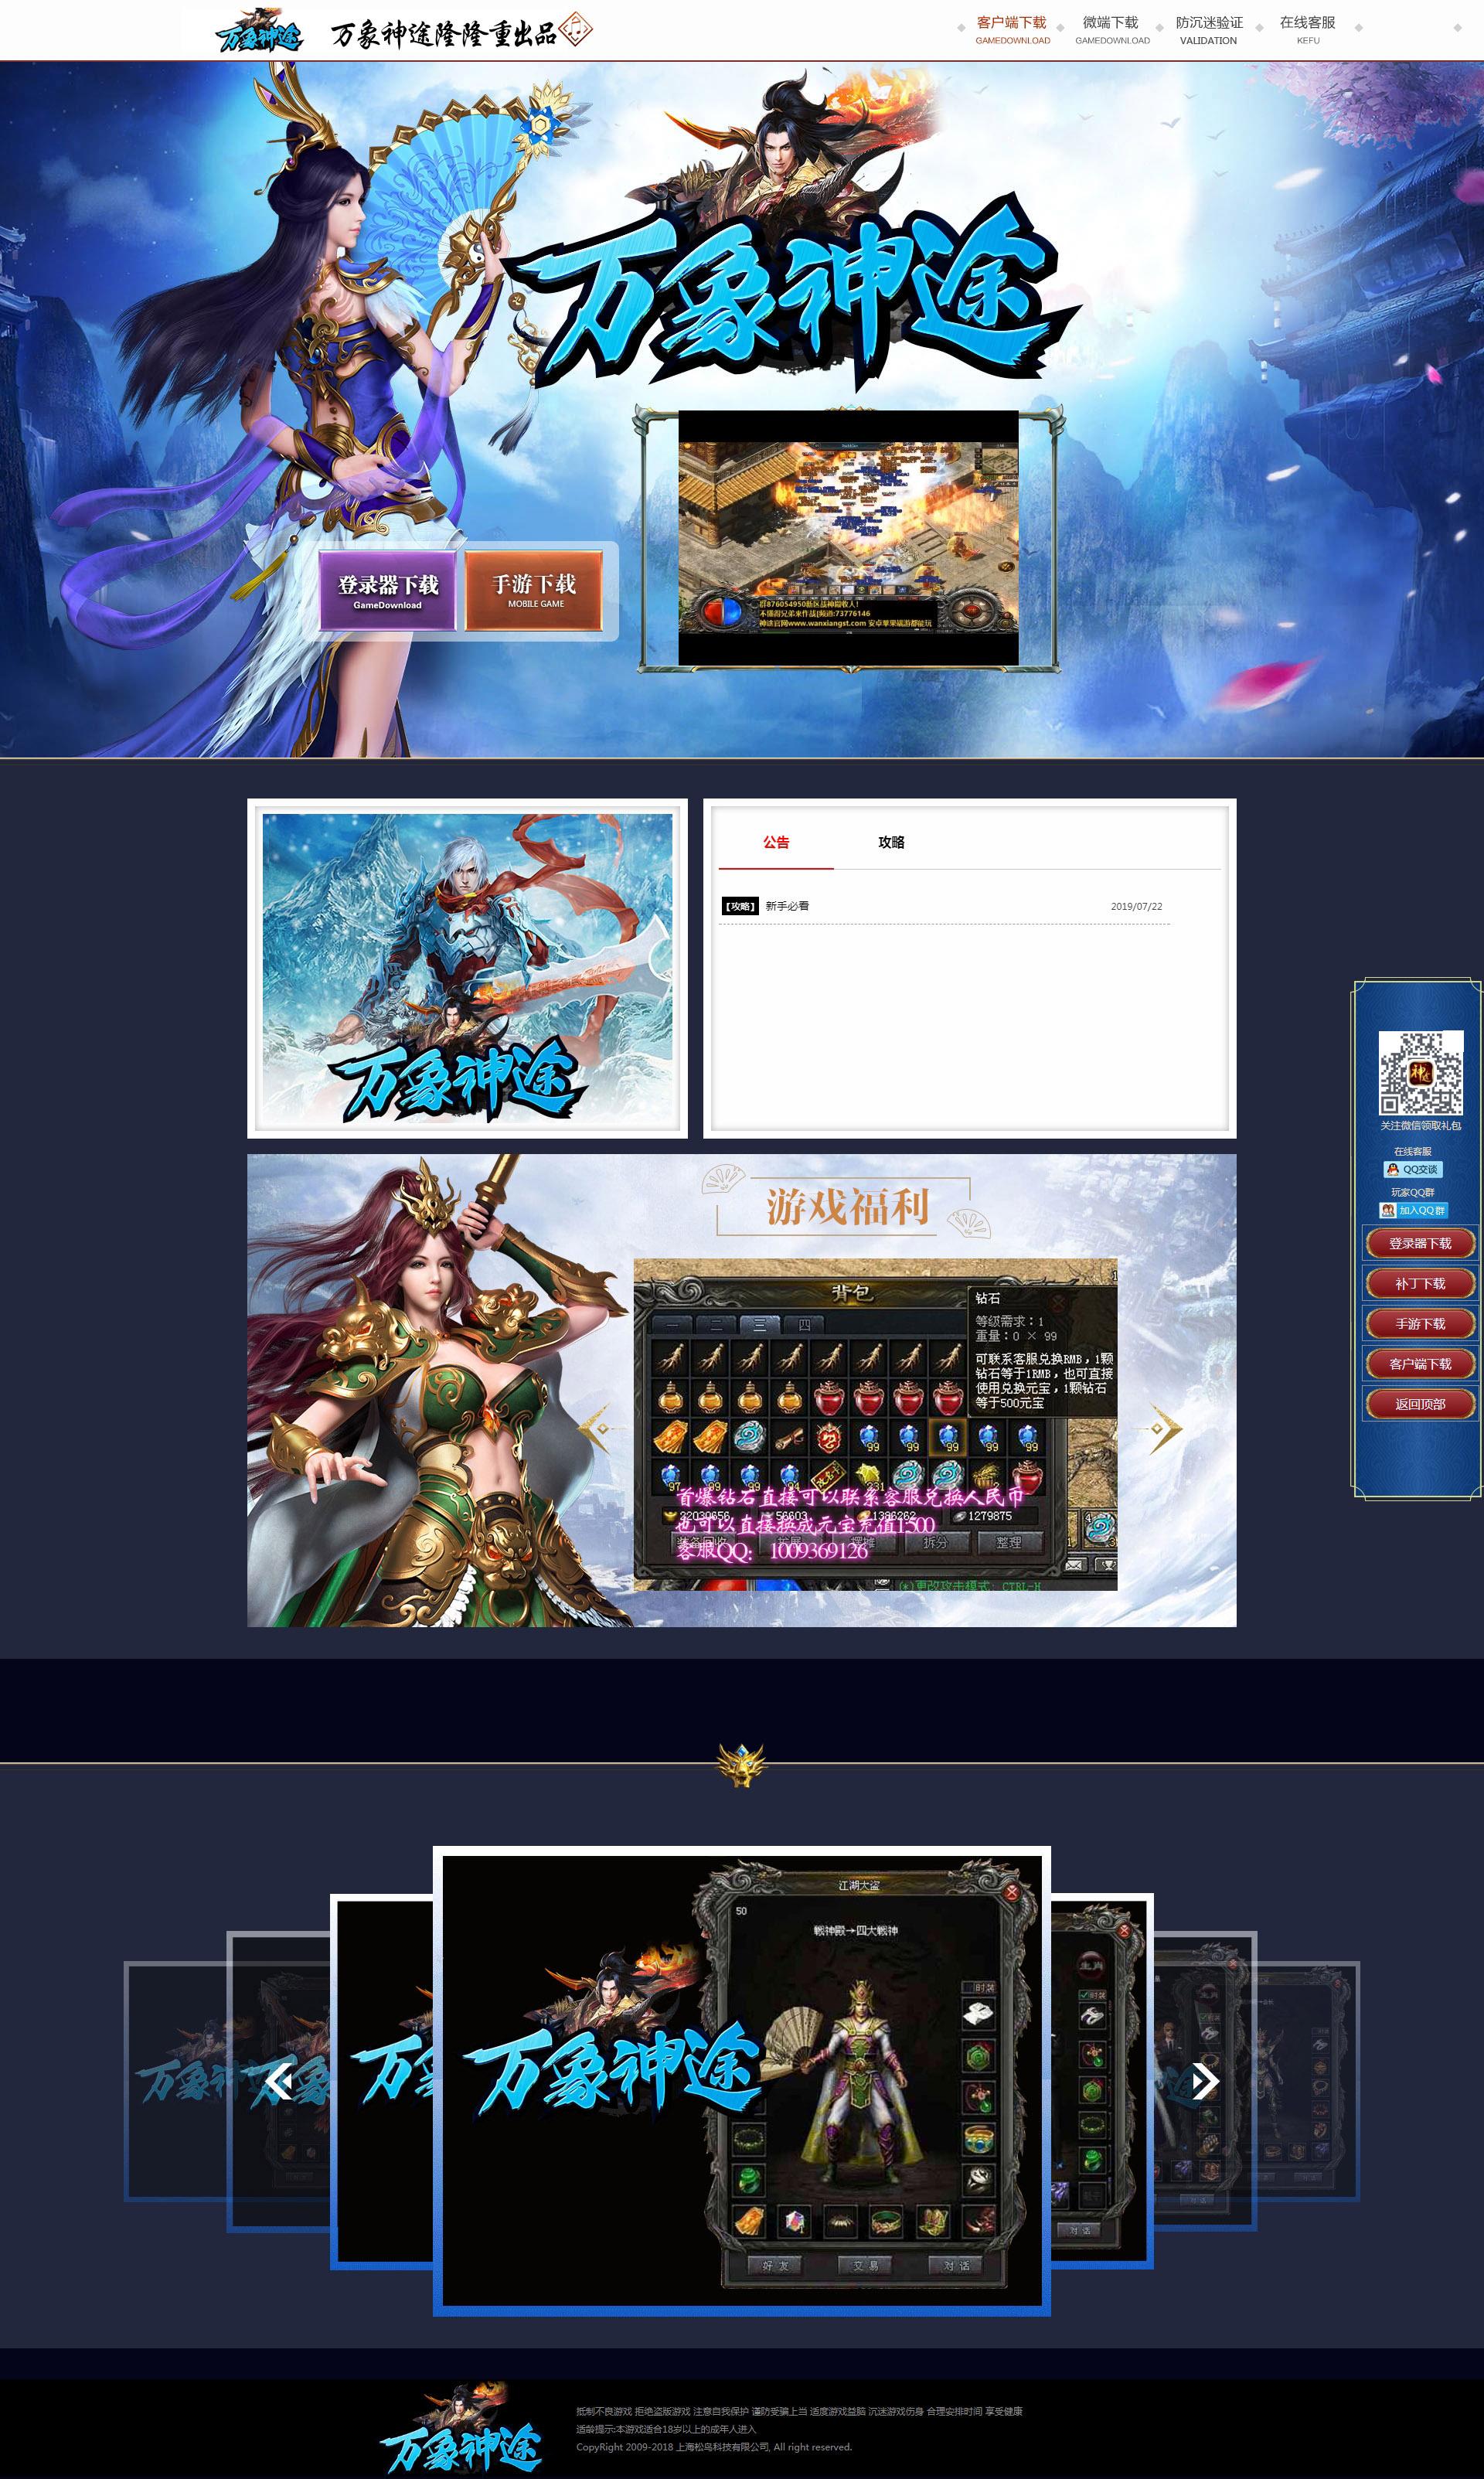 万像神途网站 游戏网模版ASP传奇神途源码 官网模板带后台